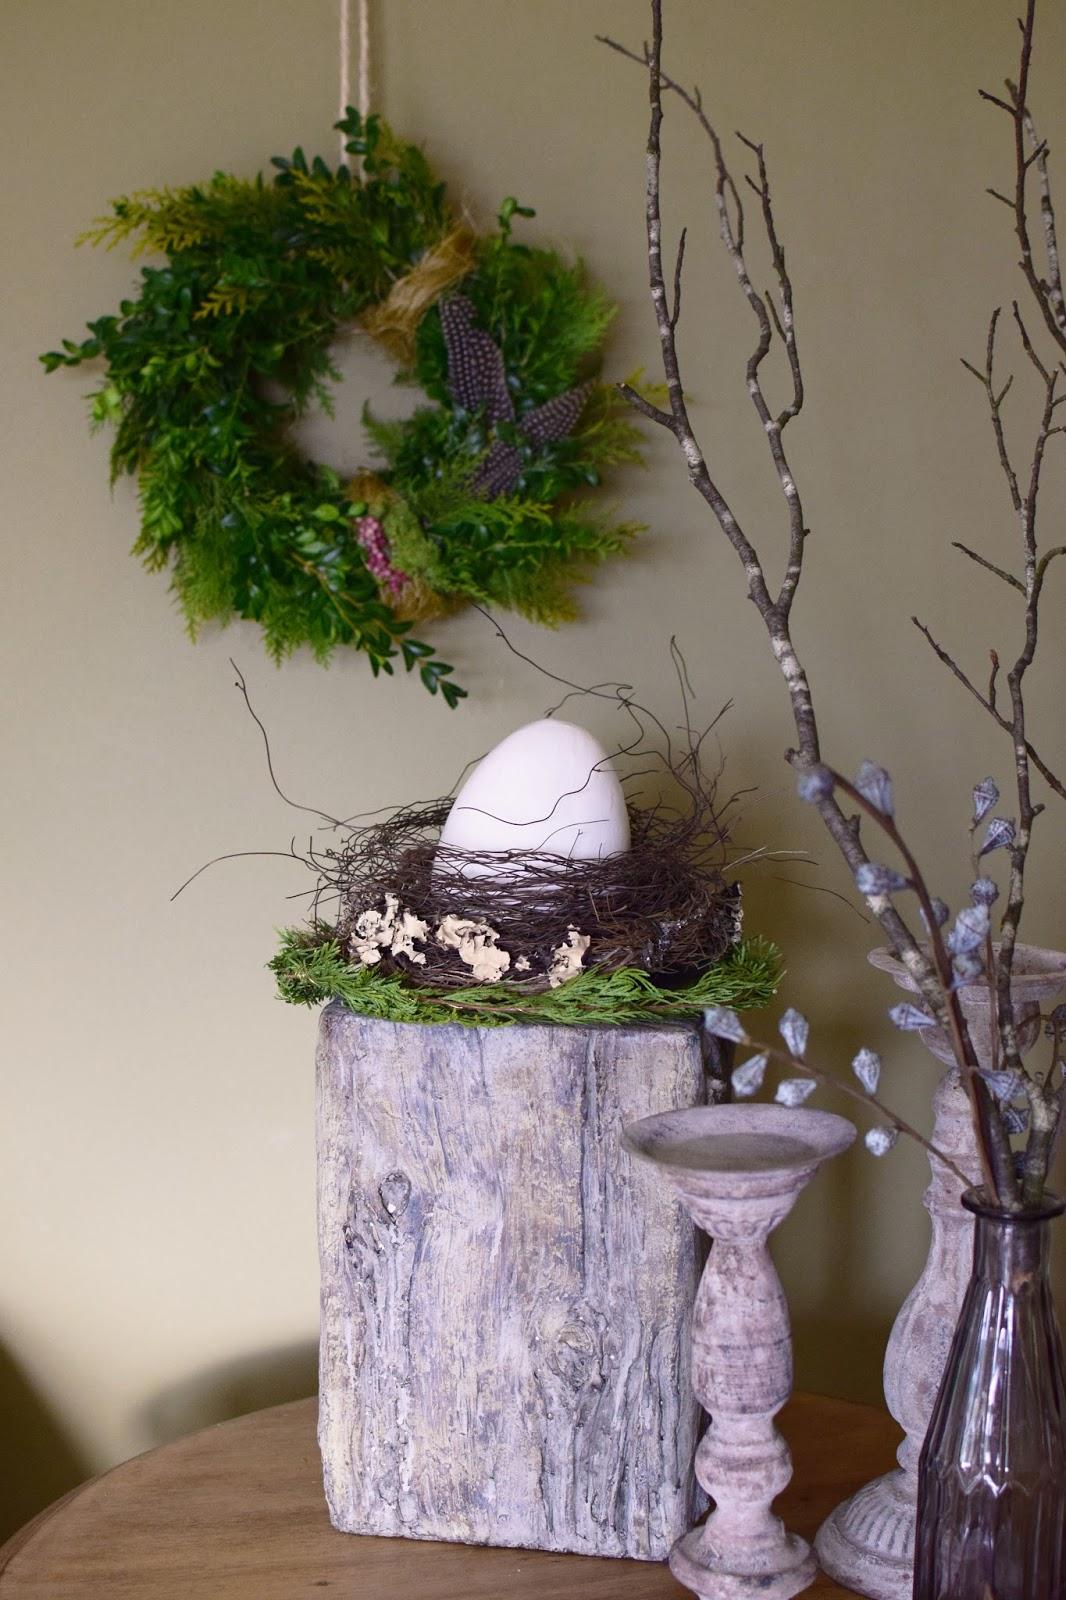 Beistelltische, Dekoideen mit Natur, Osterdeko, Deko, Dekoration, Ostern